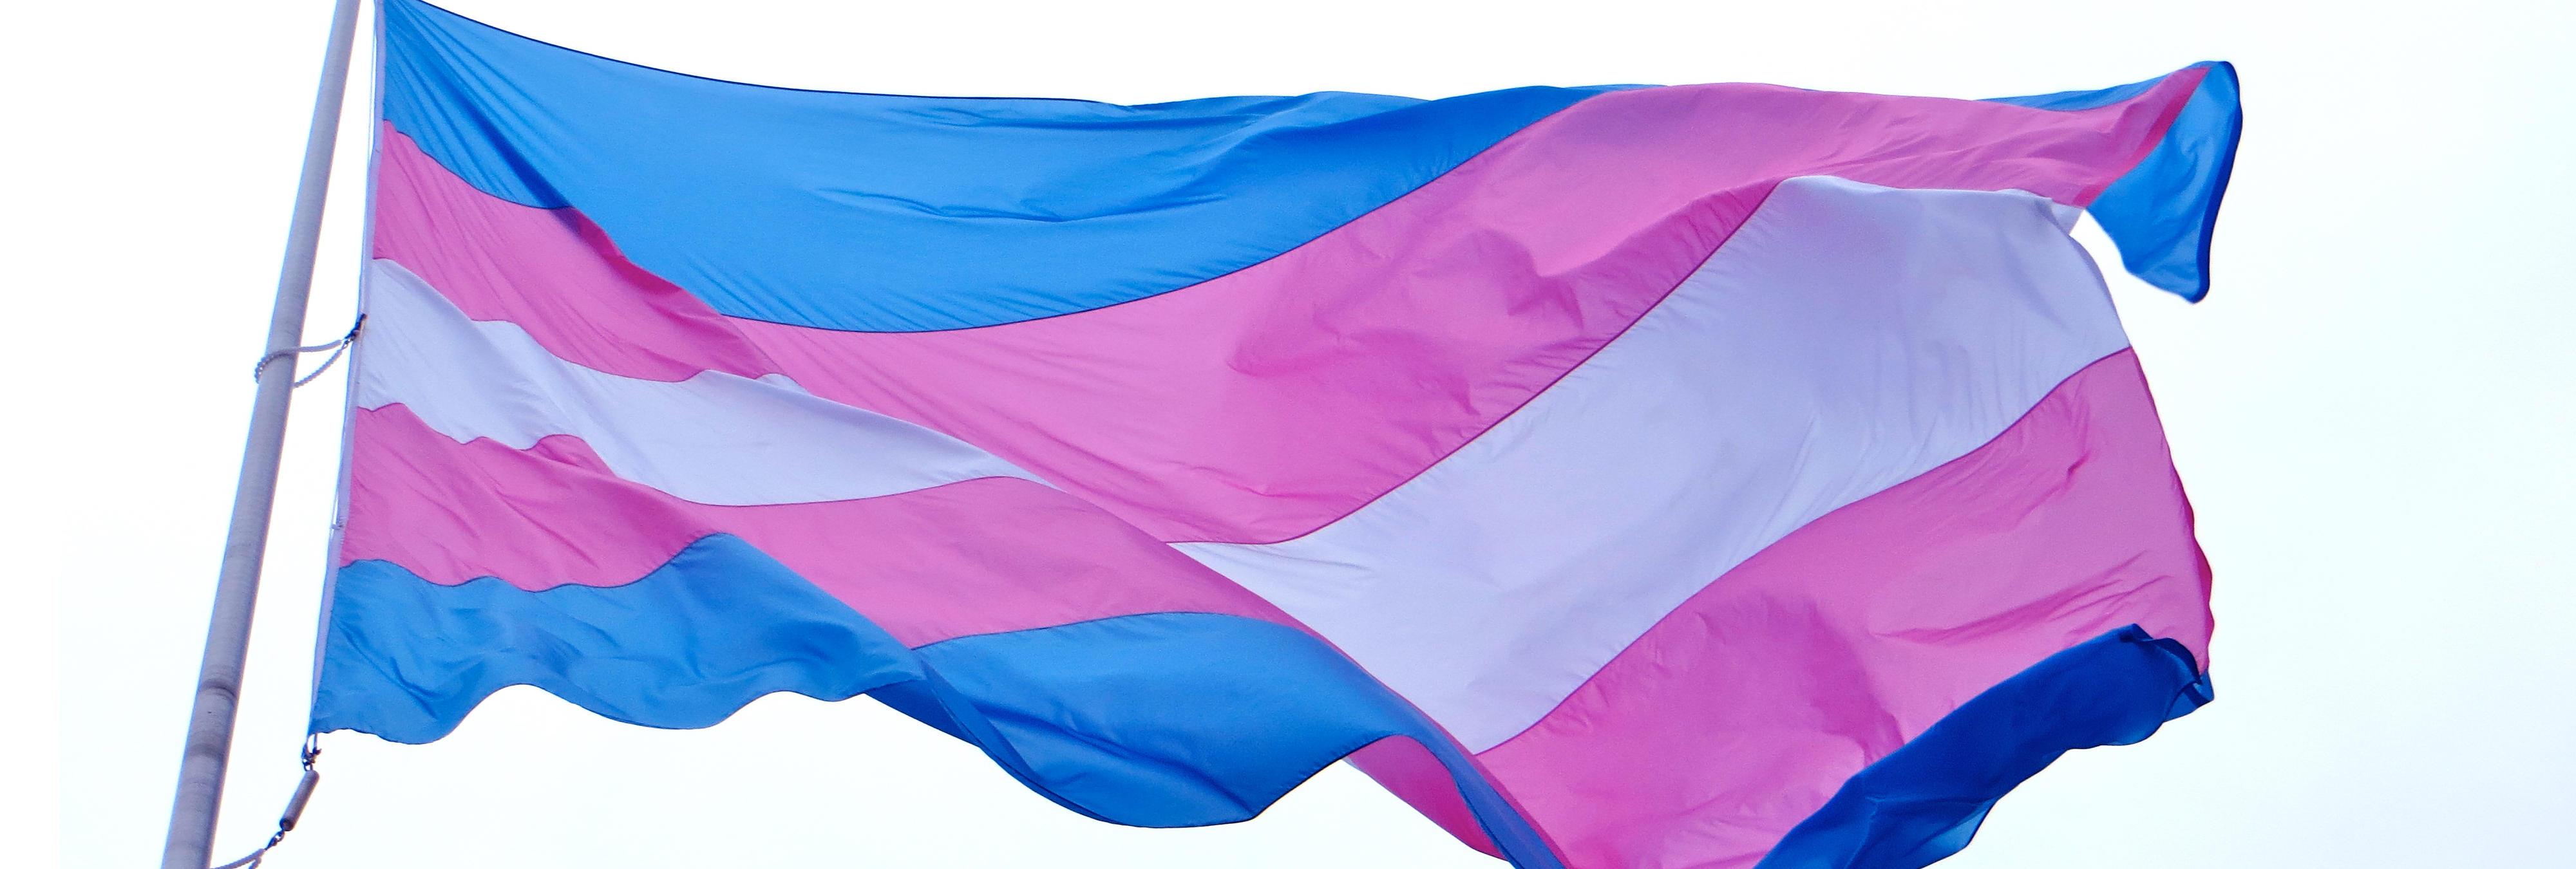 Una activista trans es tiroteada y arrojada a un montón de basura en Trinidad y Tobago